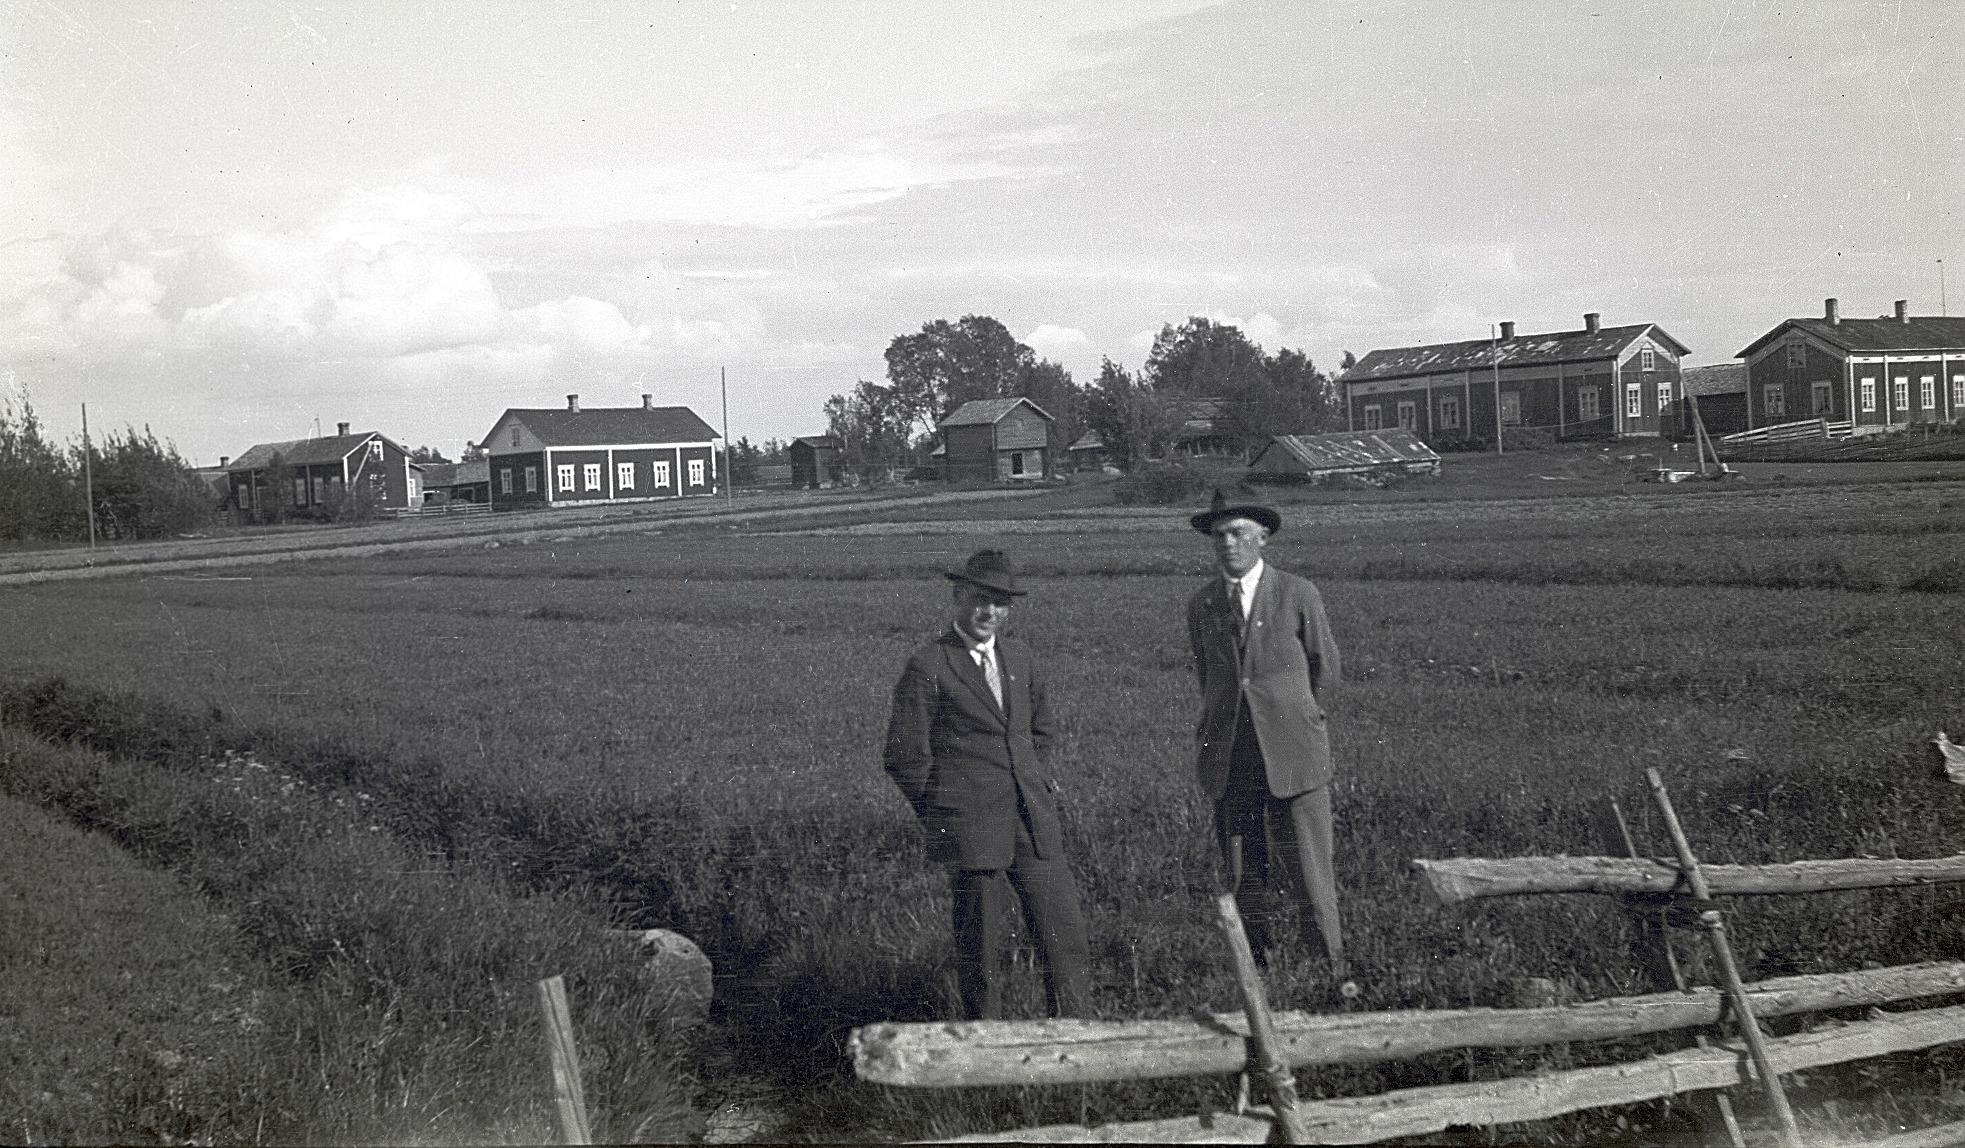 Till vänster Selim Björknäs tillsammans med Frans Bergkulla och i bakgrunden ser vi de ståtliga Bergkulla-gårdarna. Samtliga gårdar är rivna utom den som står längst till vänster.